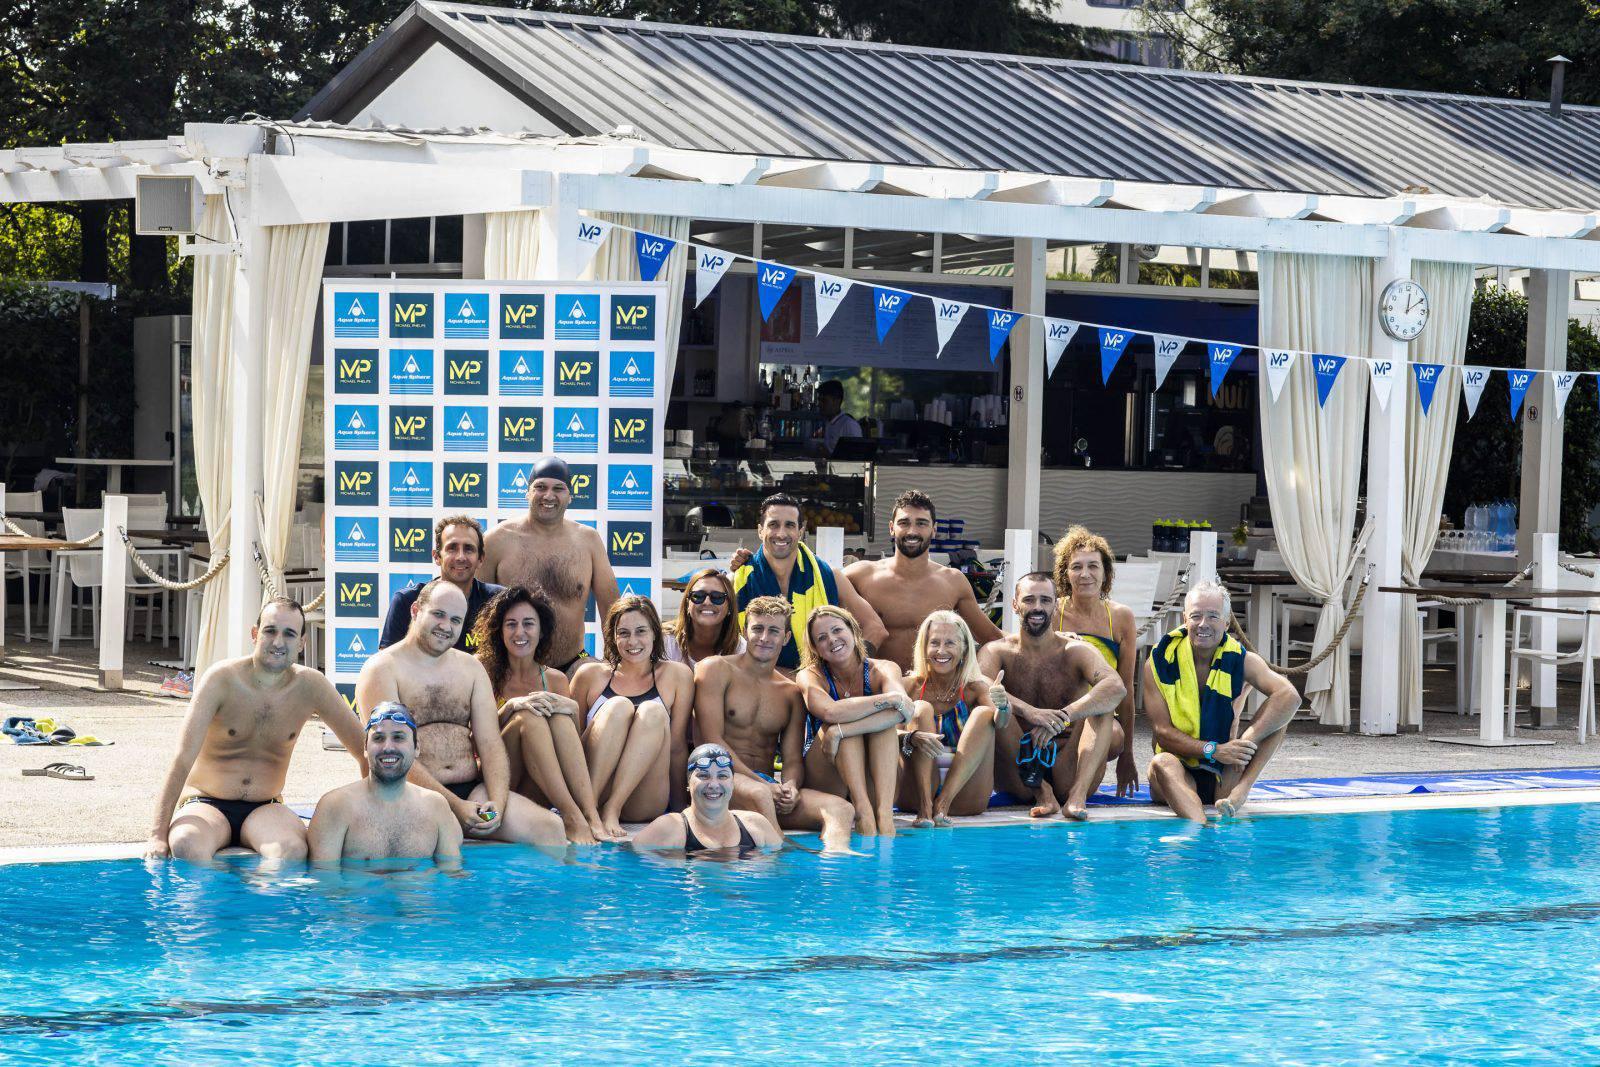 Il gruppo della stampa invitato alla mattinata con gli atleti del team MP Michael Phelps